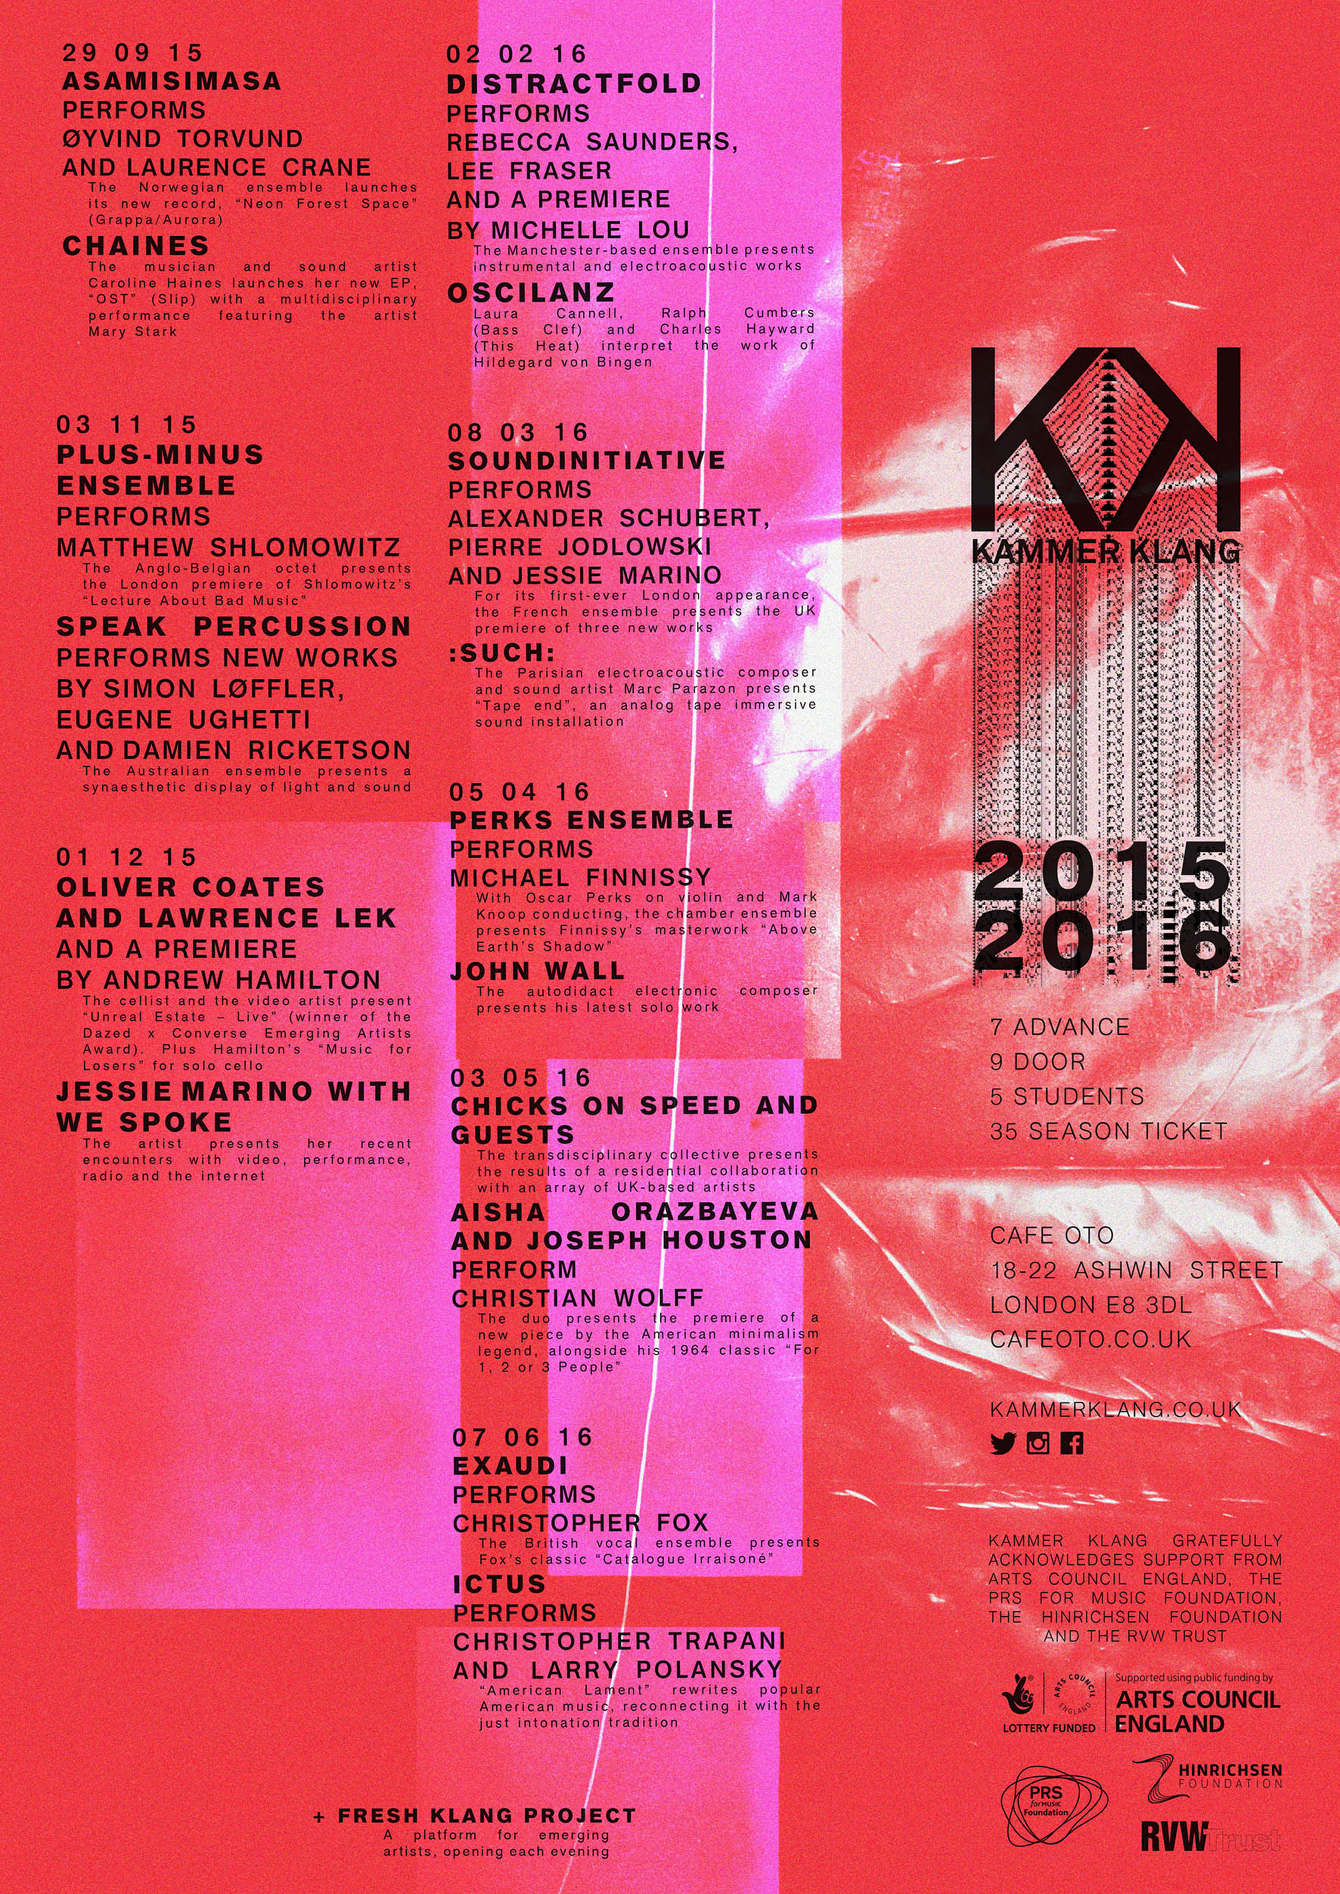 SEASON 6 2015-2016 - Kammer Klang